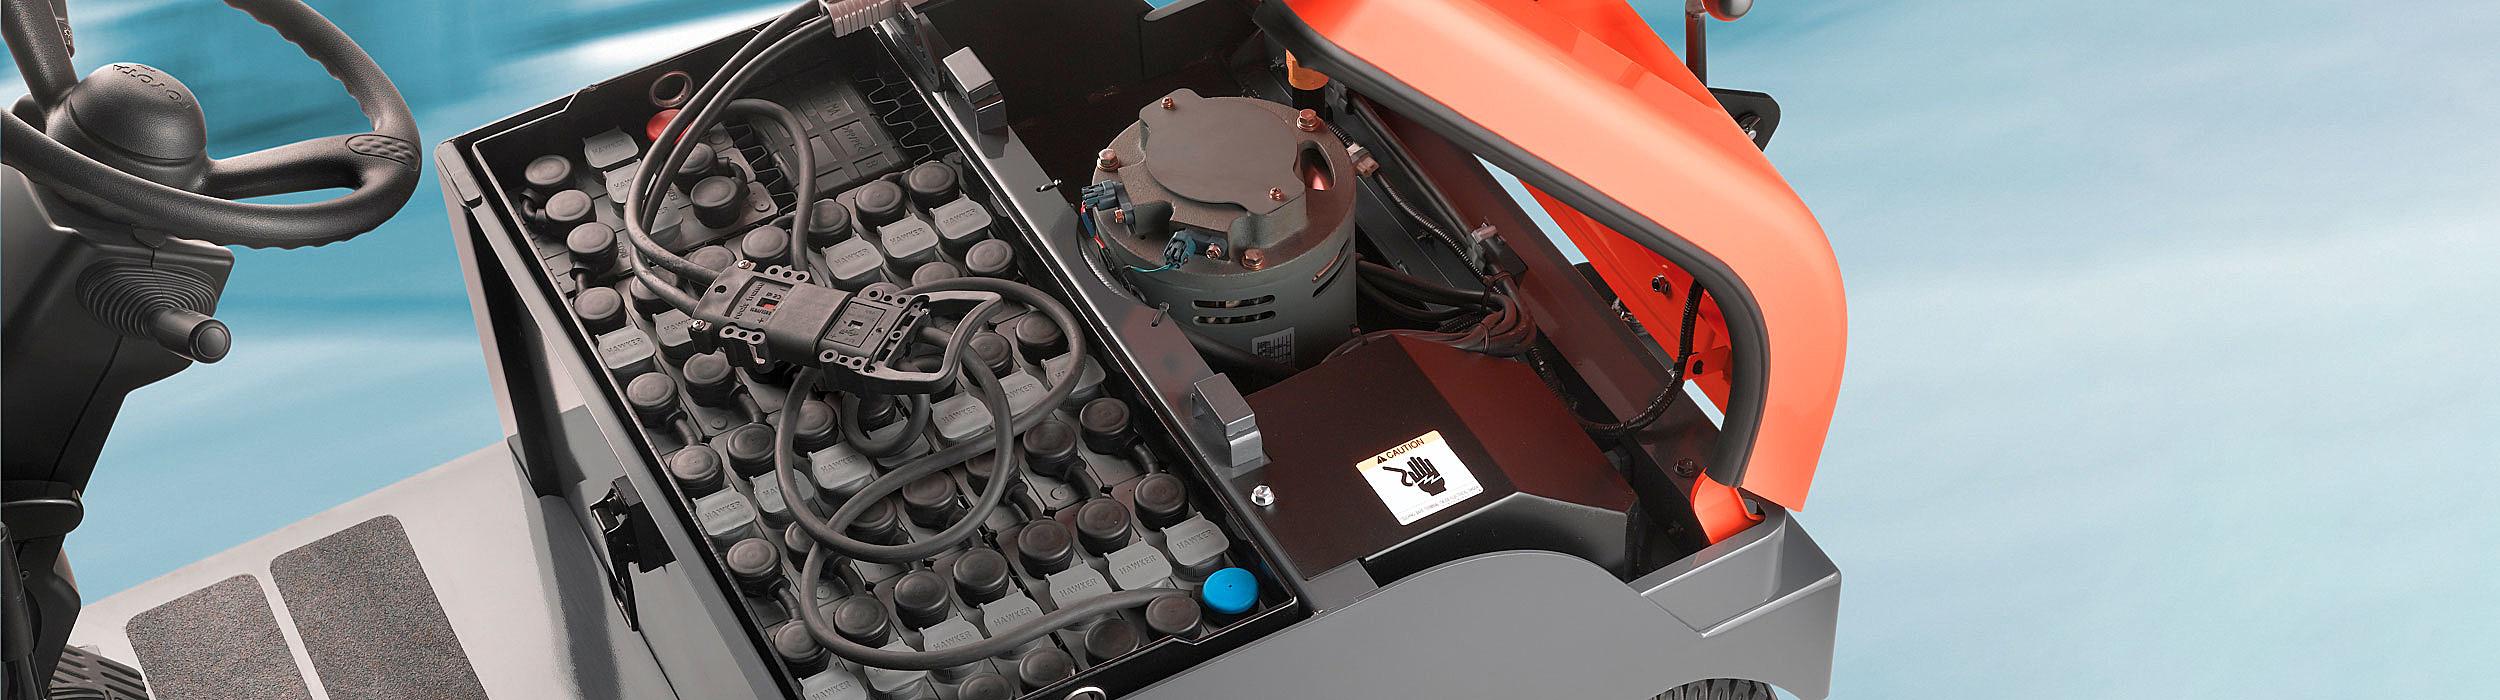 Forklift truck battery